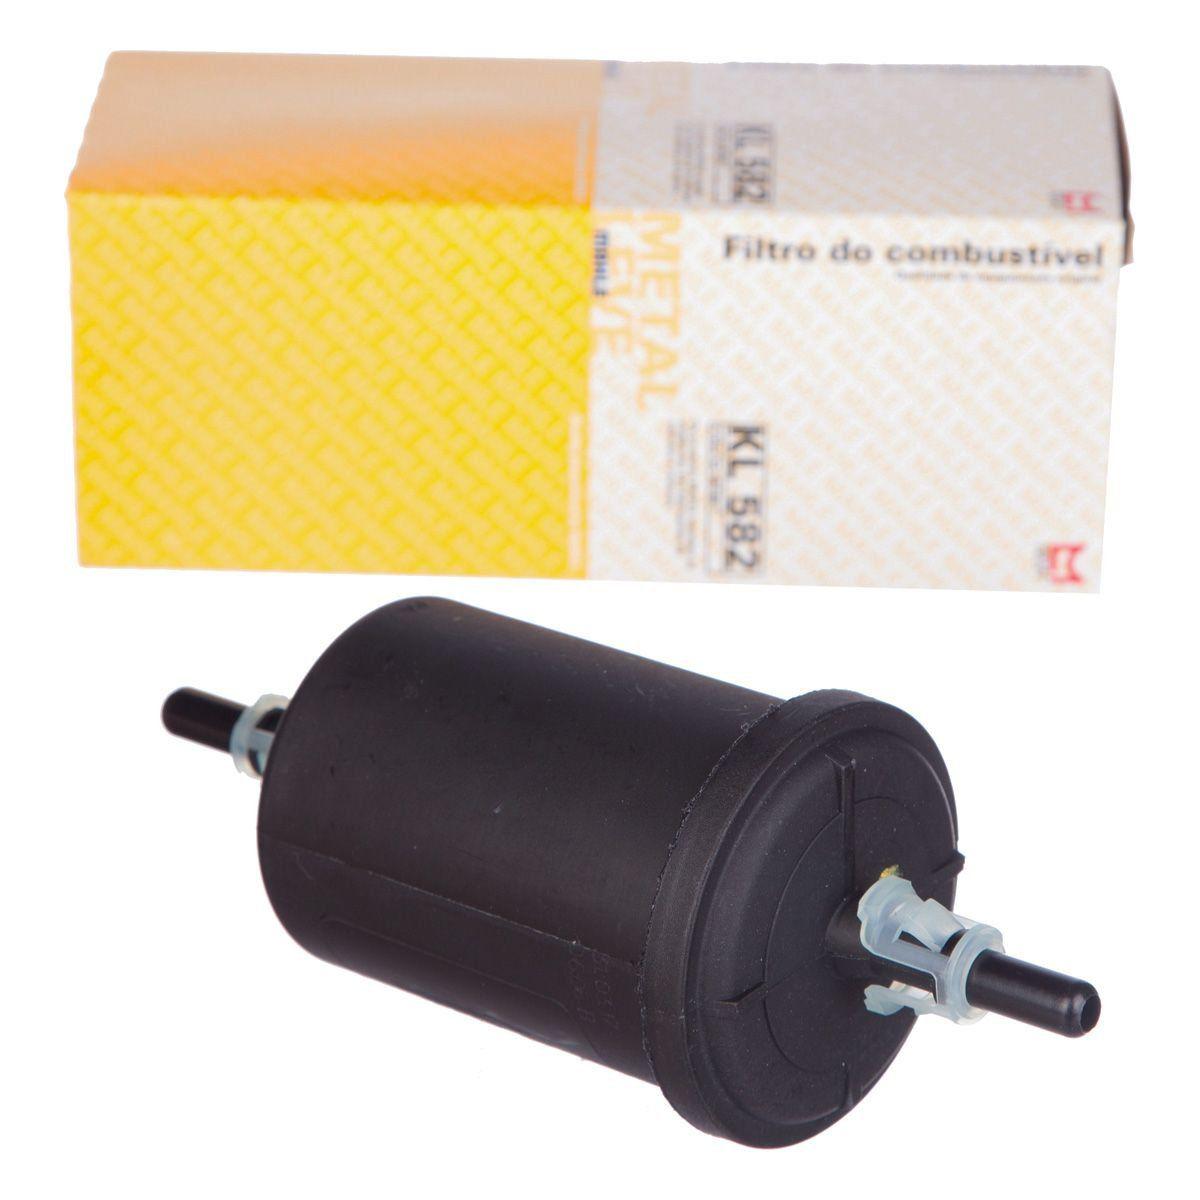 Filtro combustivel flex - Onix de 2013 a 2019